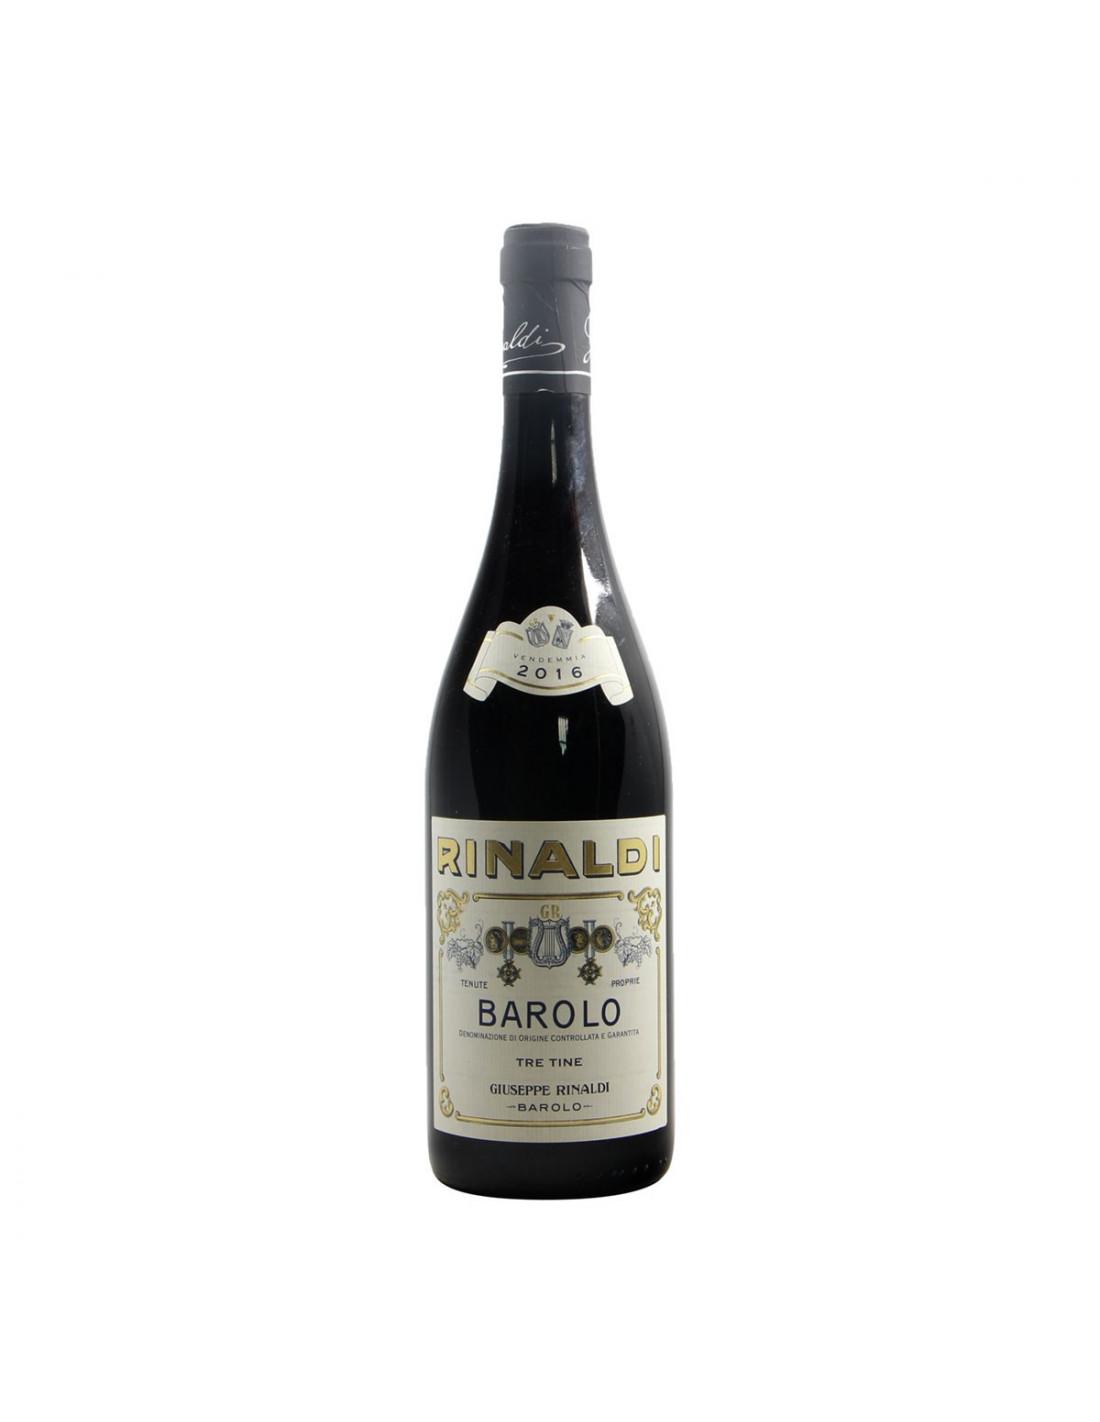 Giuseppe Rinaldi Barolo Tre Tine 2016 Grandi Bottiglie